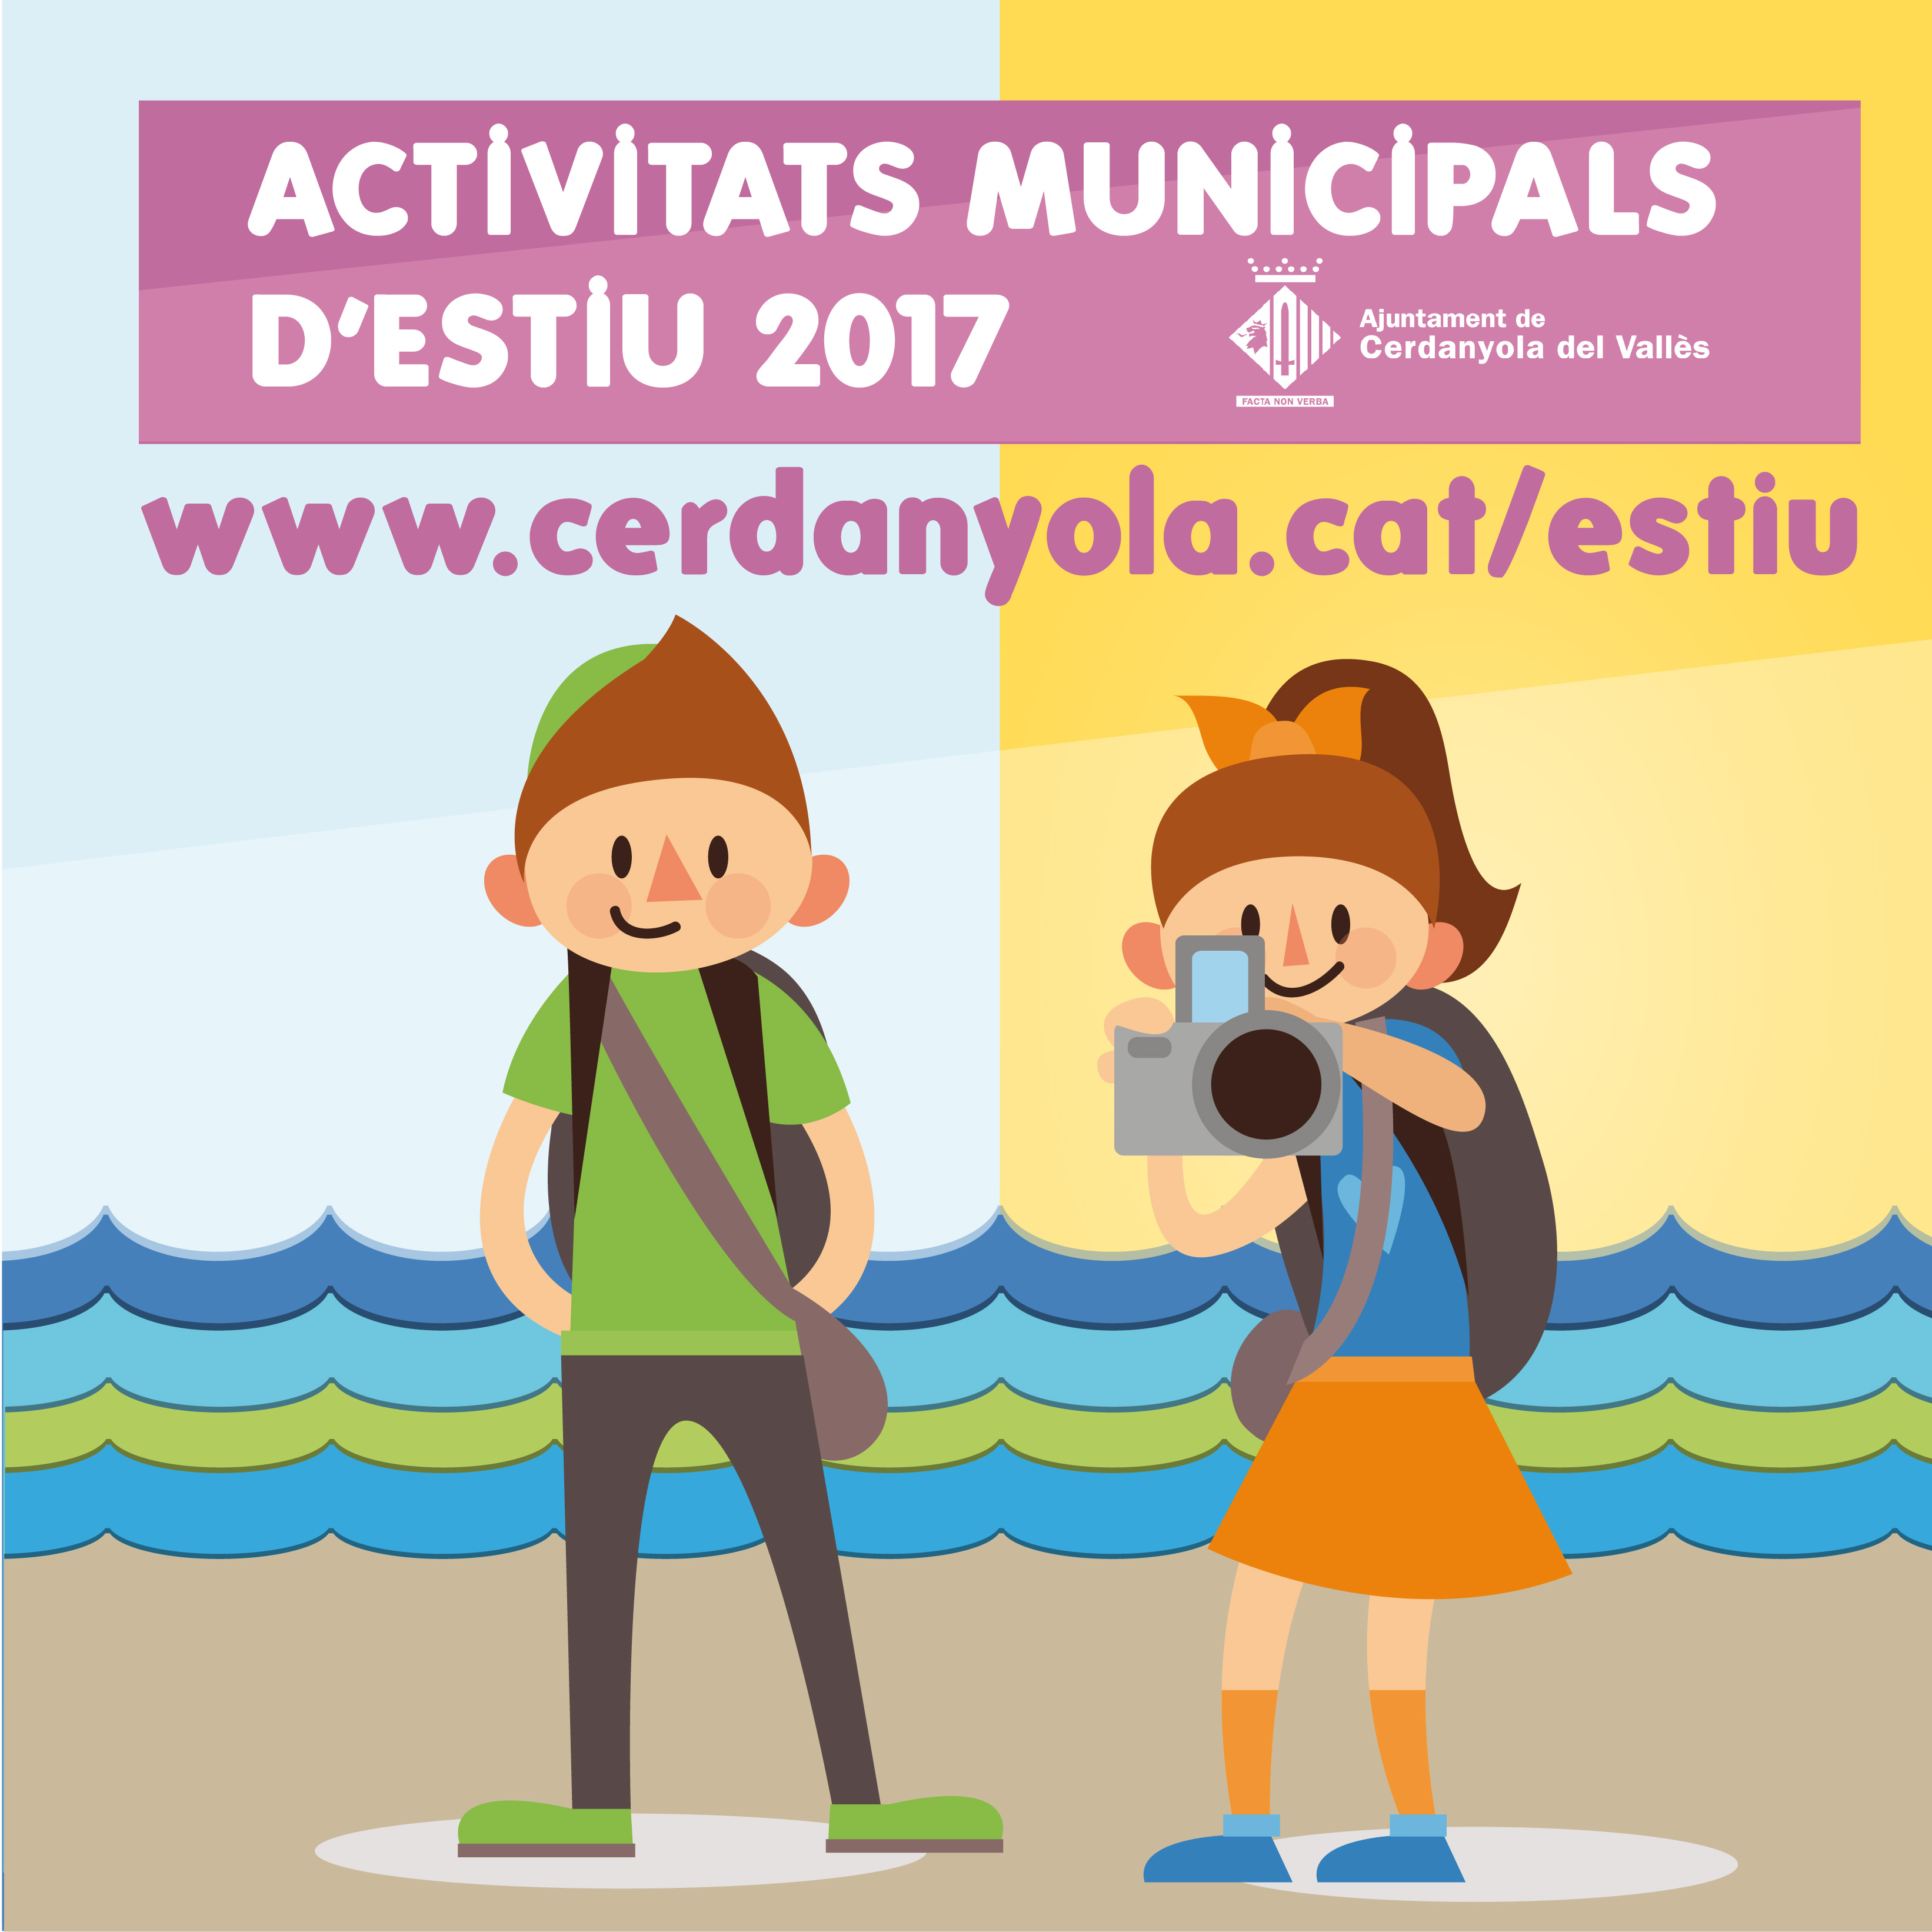 Els serveis municipals ofereixen més d'una desena d'activitats per fer aquest estiu